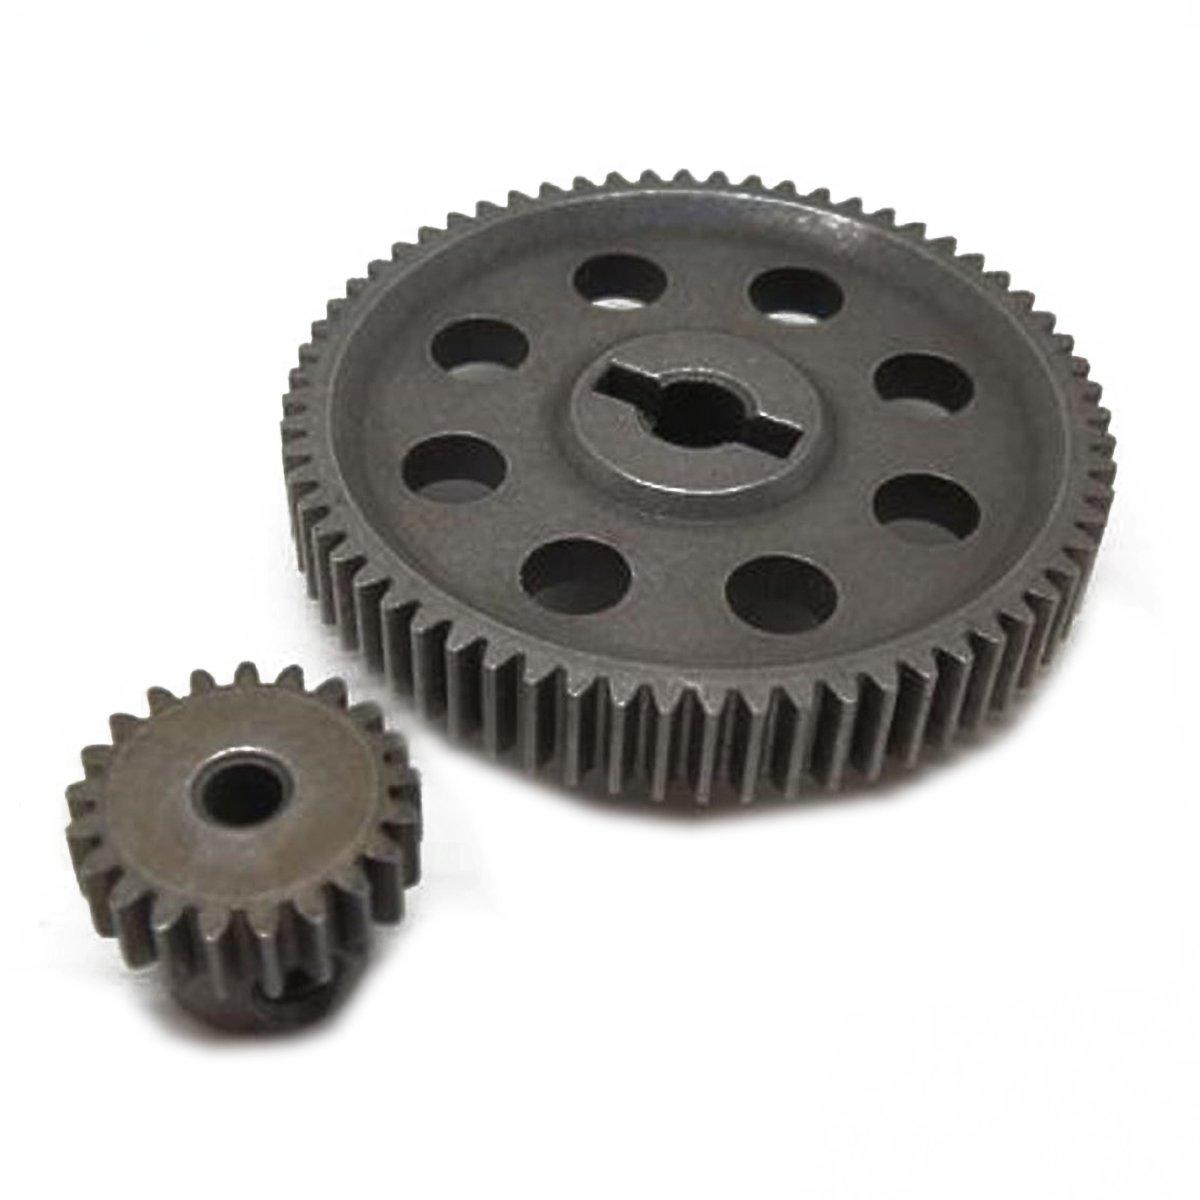 WINOMO HSP 11184 11181 ingranaggio differenziale principale 64 denti denti per auto modelli radiocomandati 1//10 94111 9417 ingranaggio motore 21